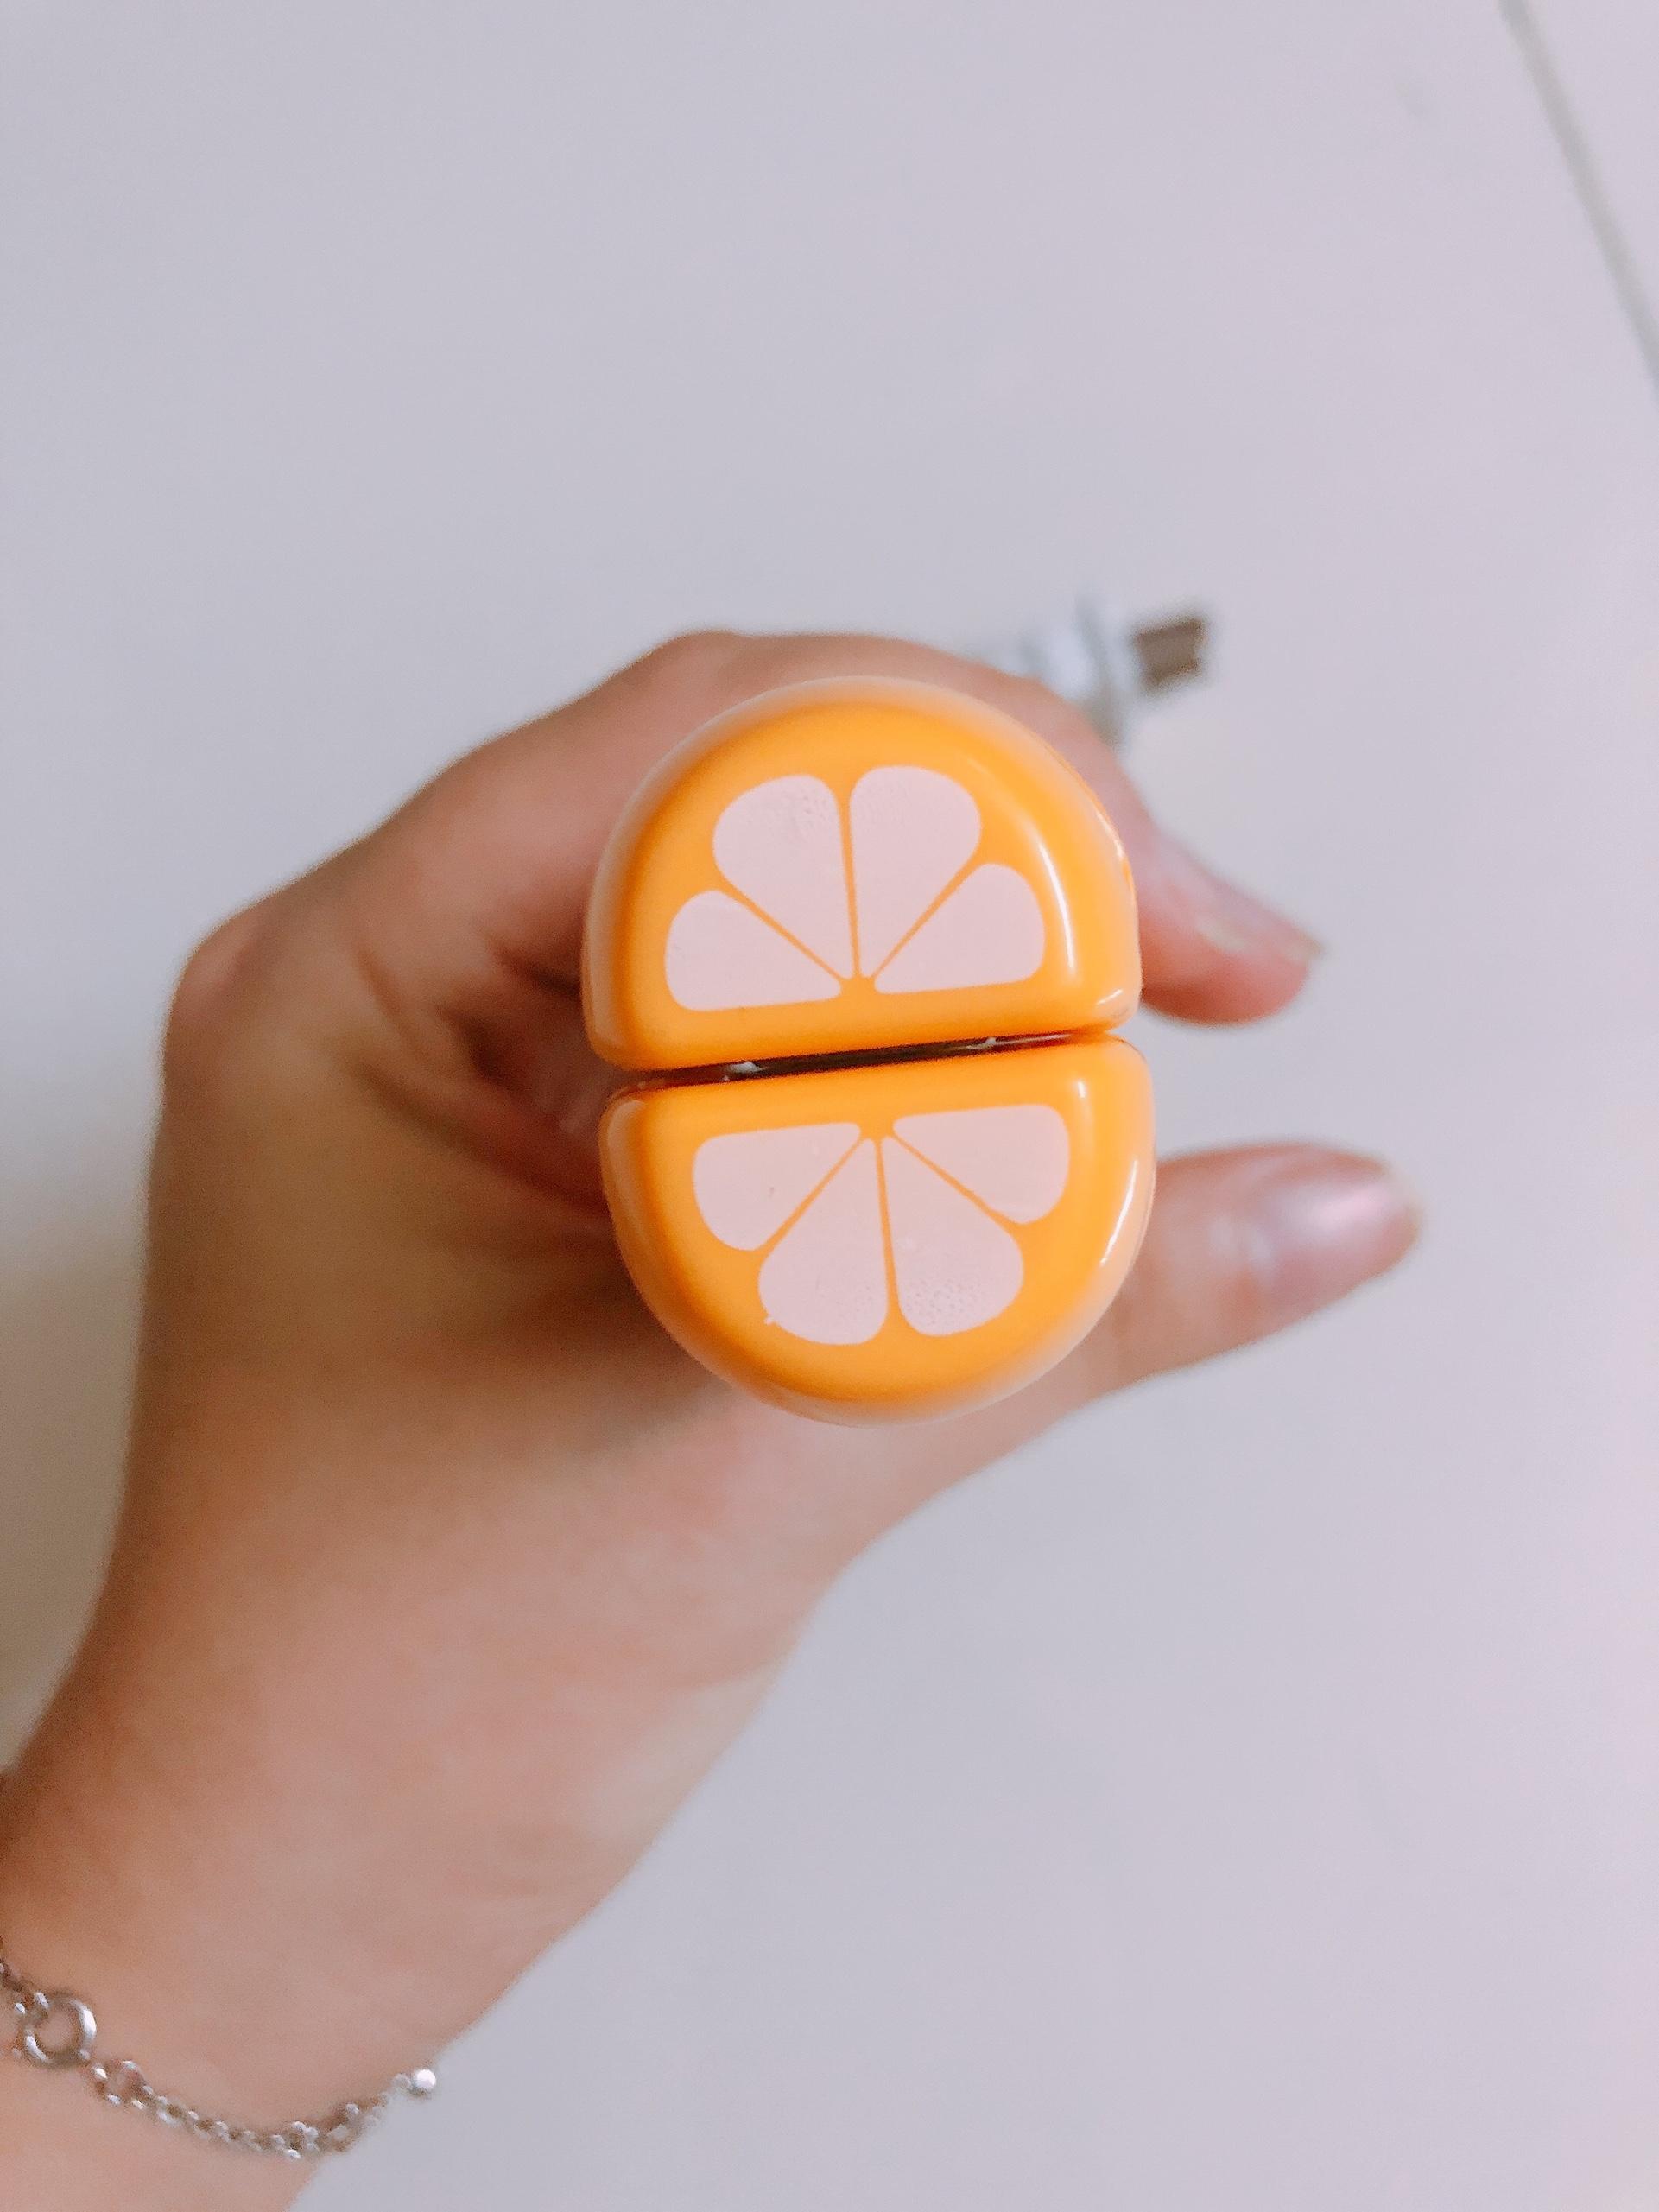 Máy làm tóc mini 2 trong 1 (uốn + duỗi) siêu xinh KM  Summer Fruit - màu sắc giao ngẫu nhiên